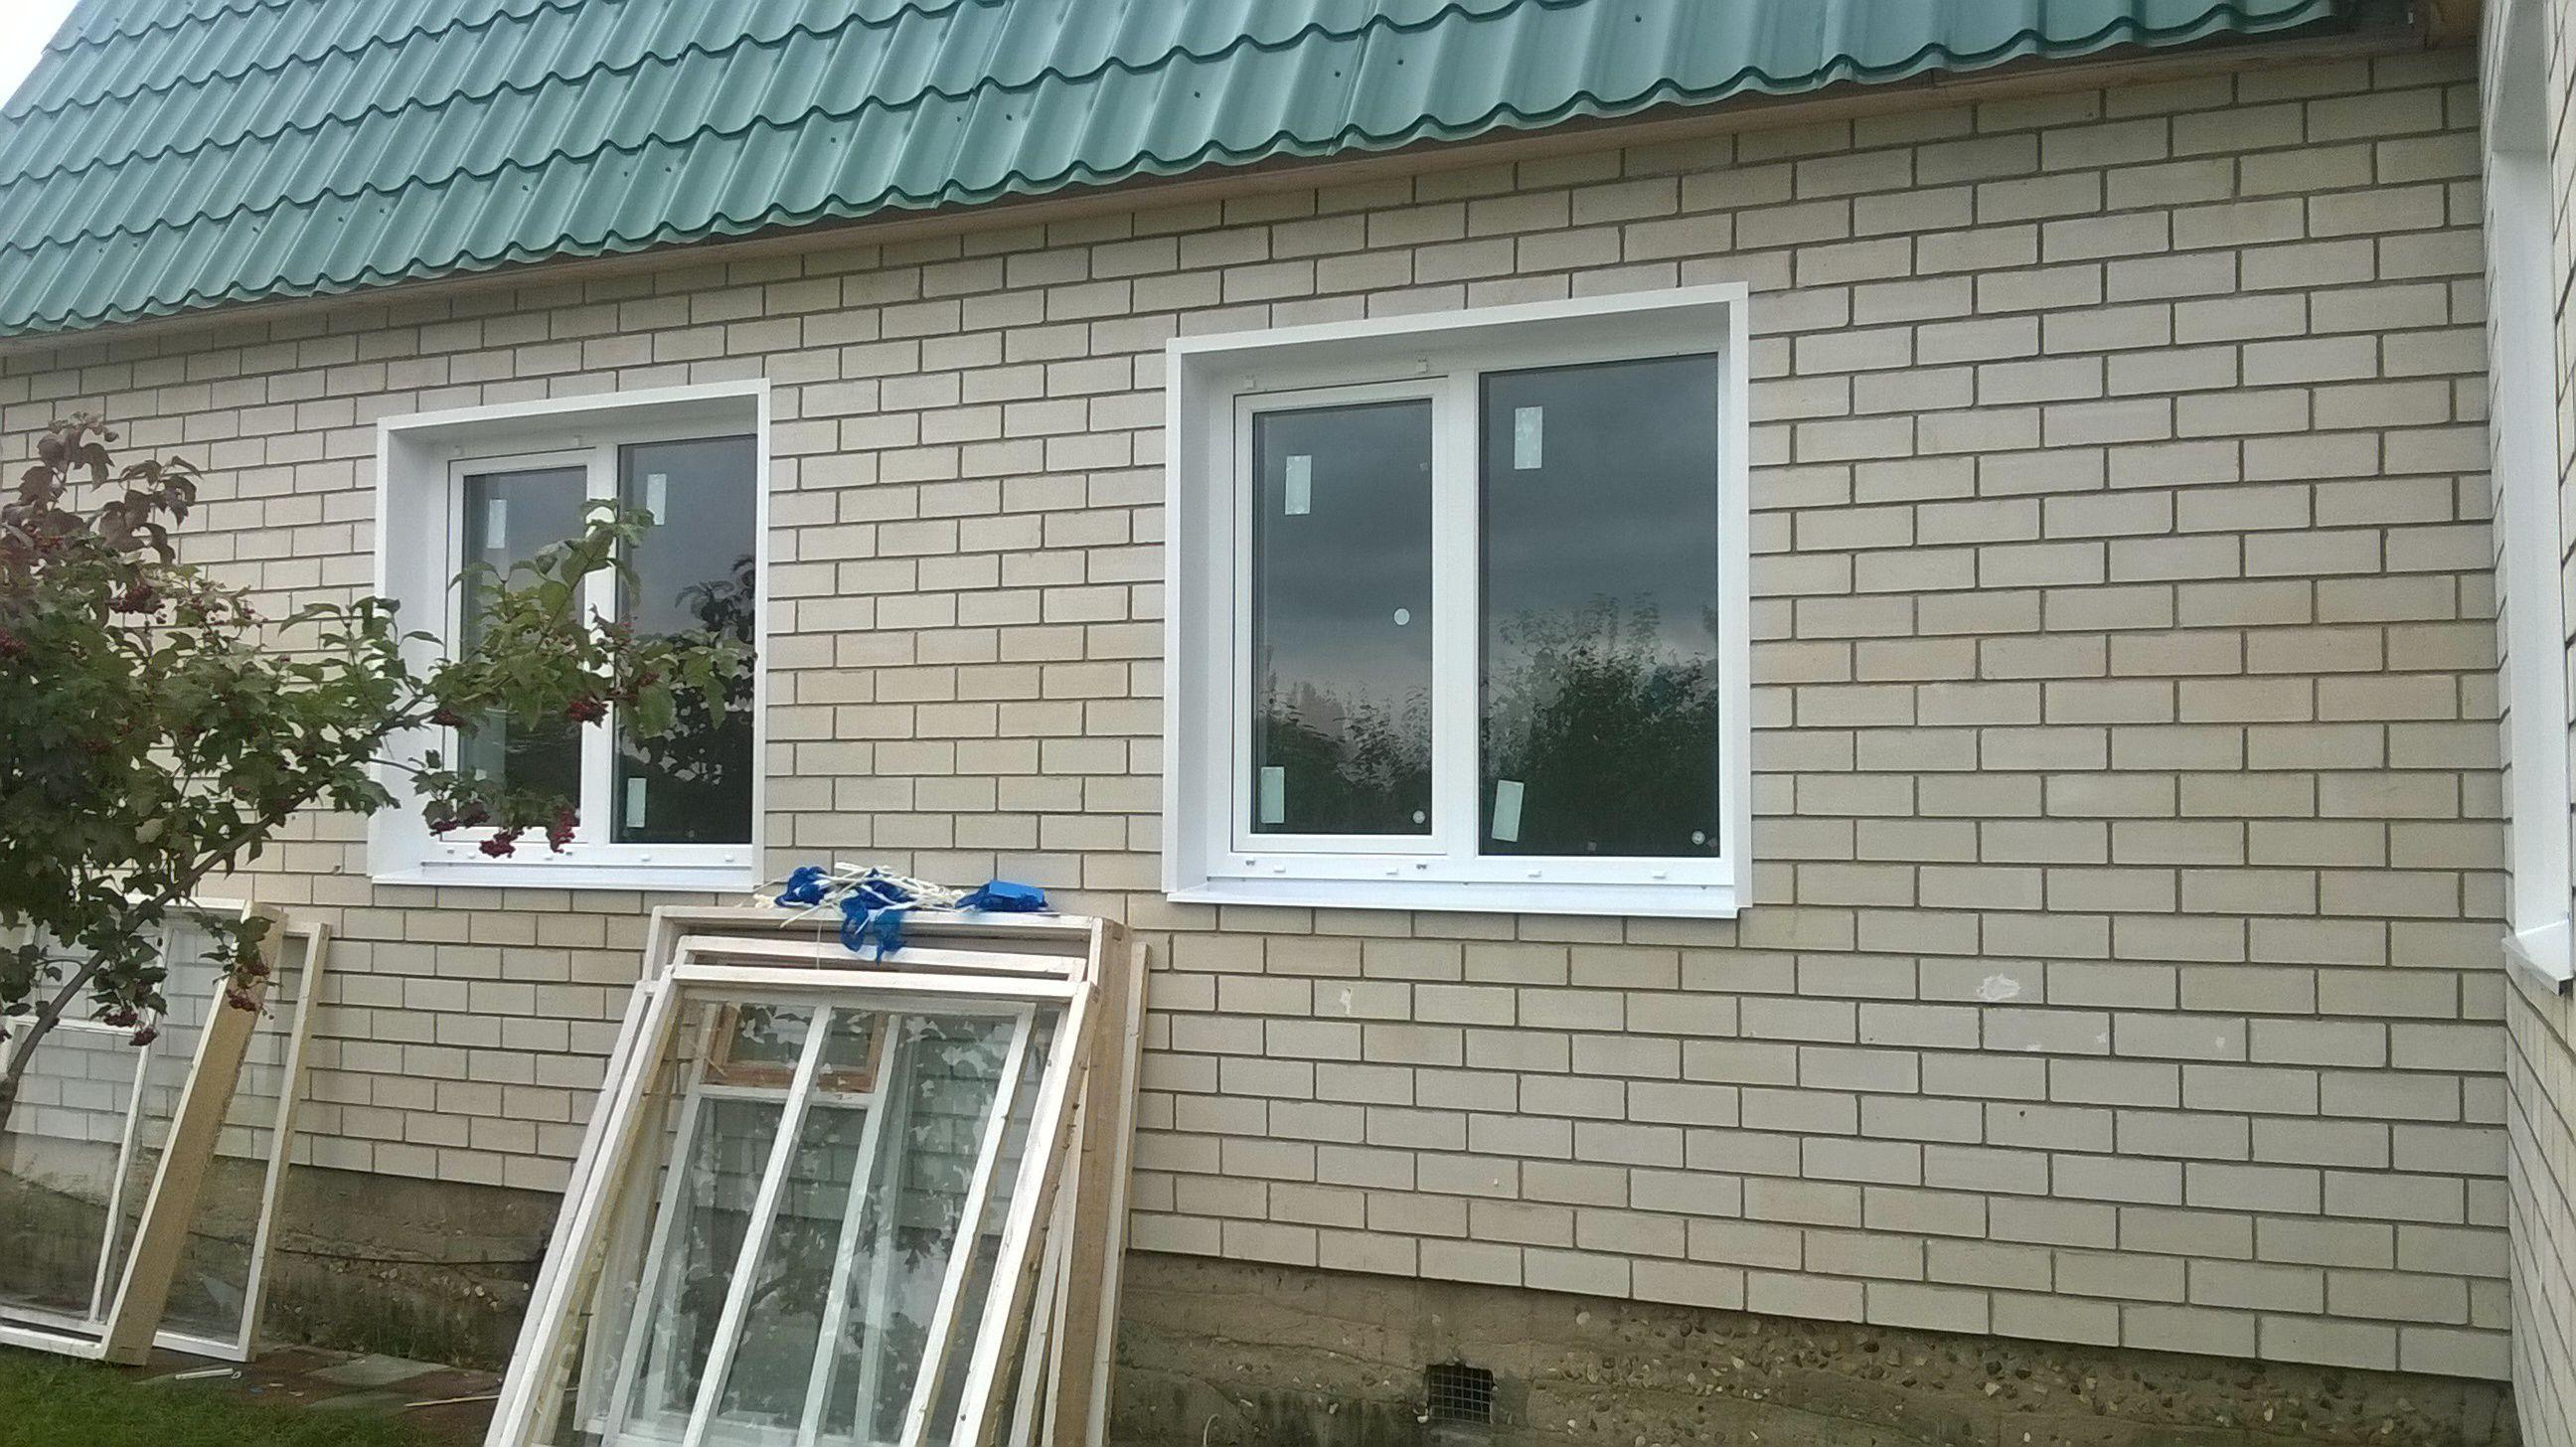 narujnyaya-otdelka-okna-pvh-malenkoe-okno